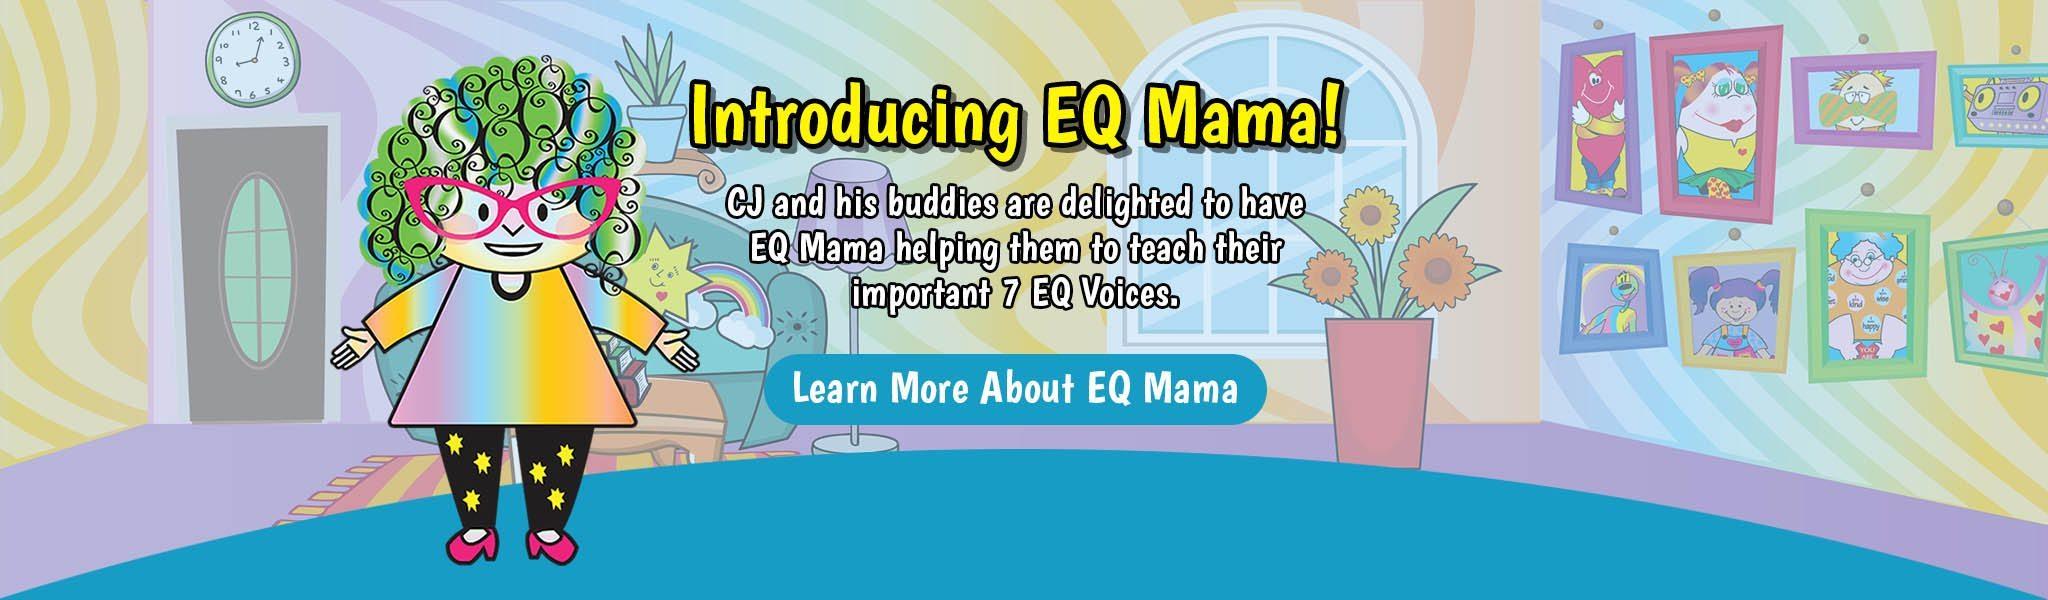 Introducing EQ Mama - Banner - no KS